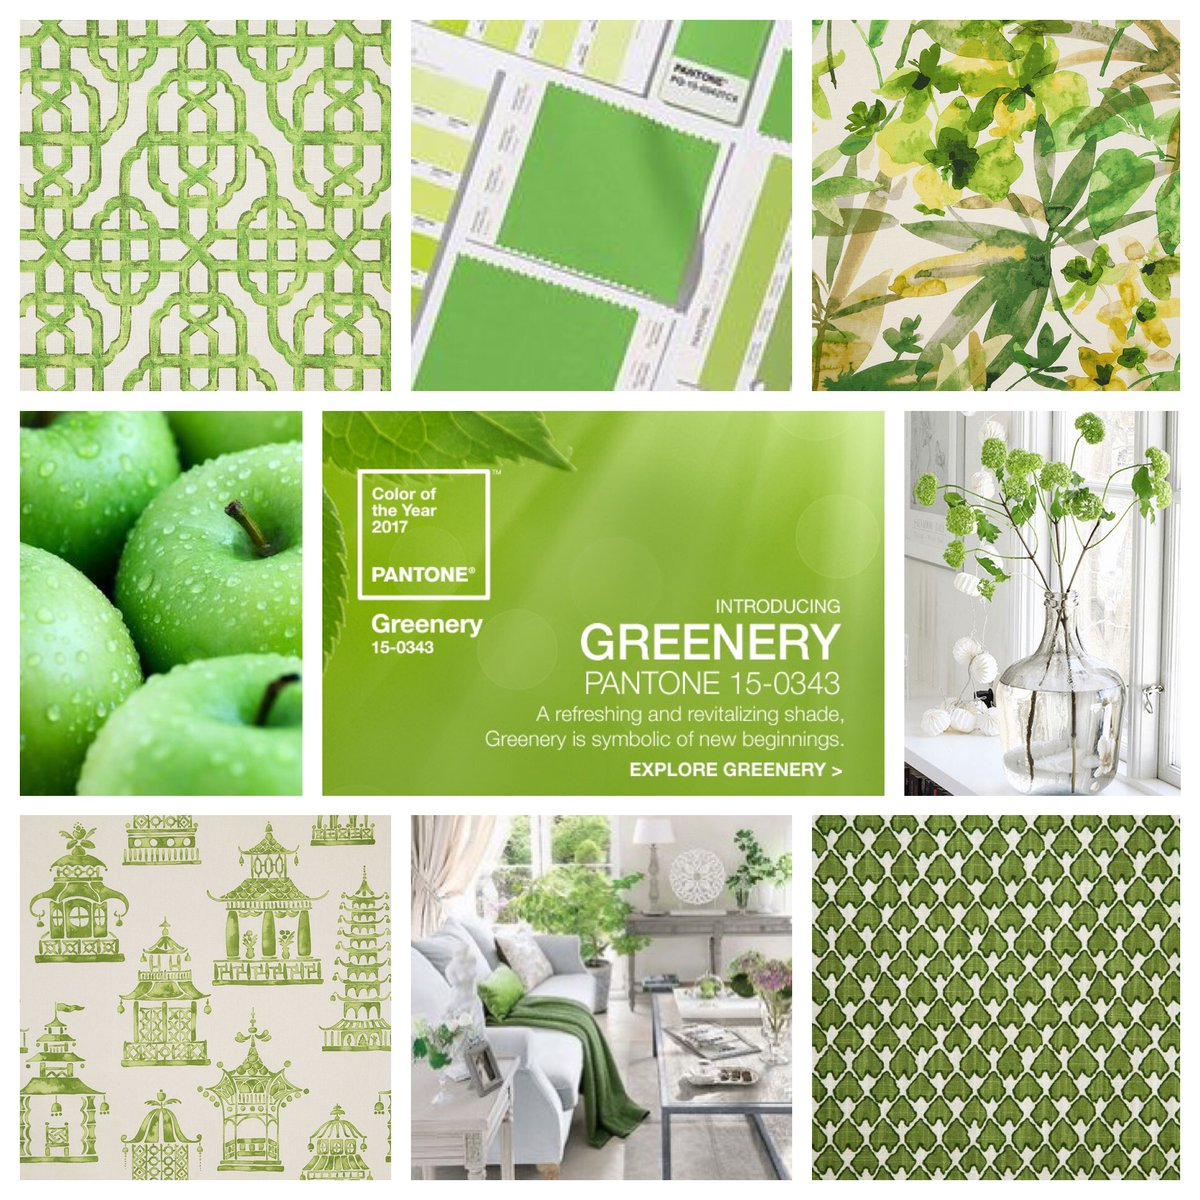 Colore pantone 2017 quest 39 anno abbiamo il greenery vita for Pantone 2017 greenery